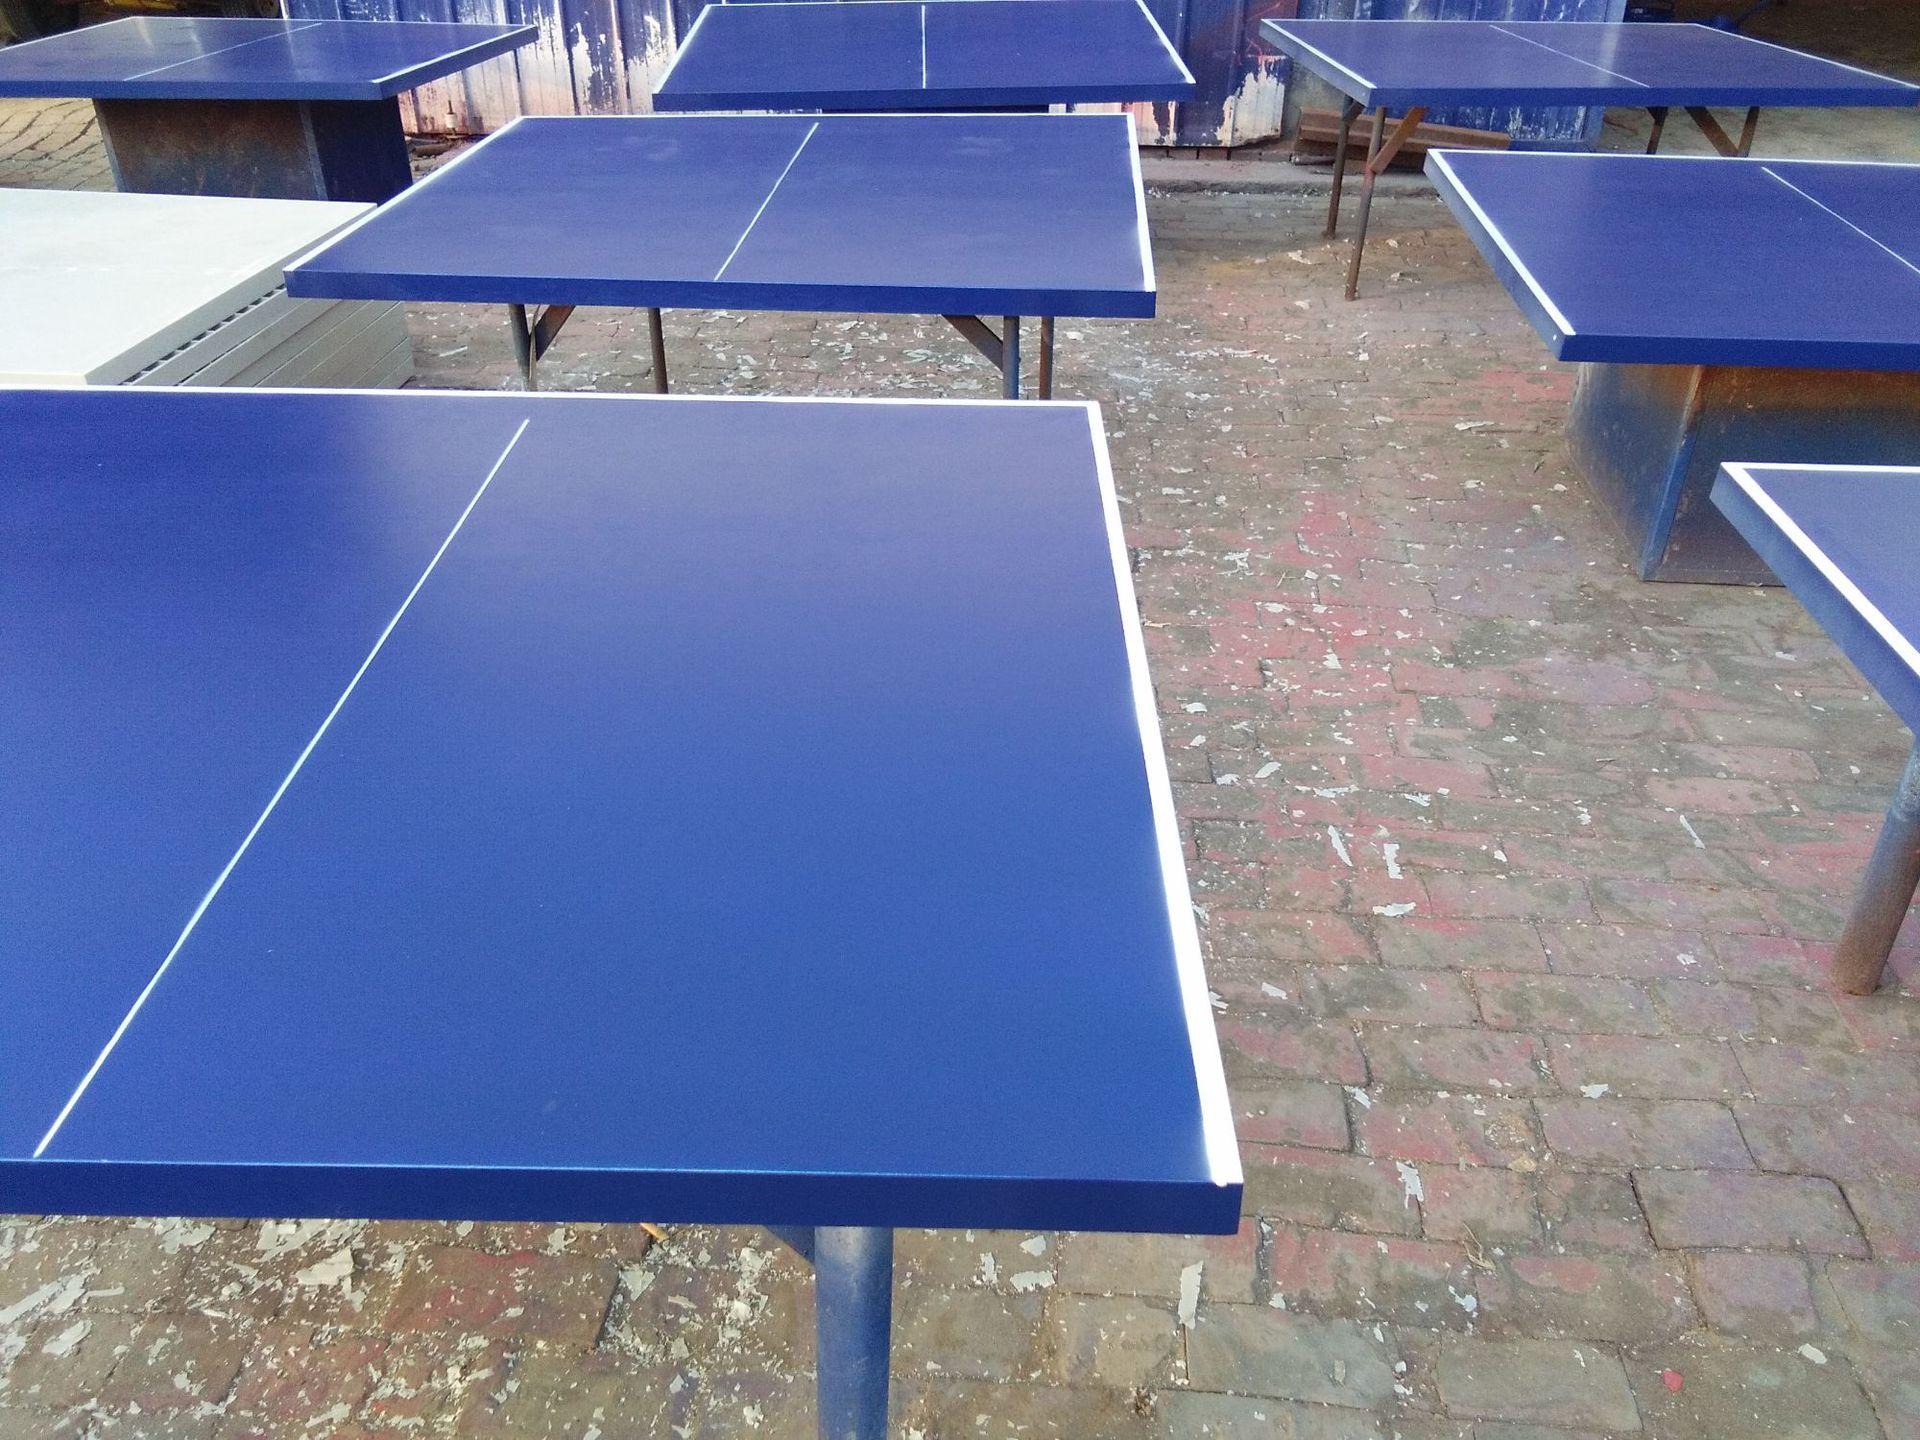 特价供应室内可移动乒乓球桌 家用标准乒乓球台 物美价廉售后无忧示例图26